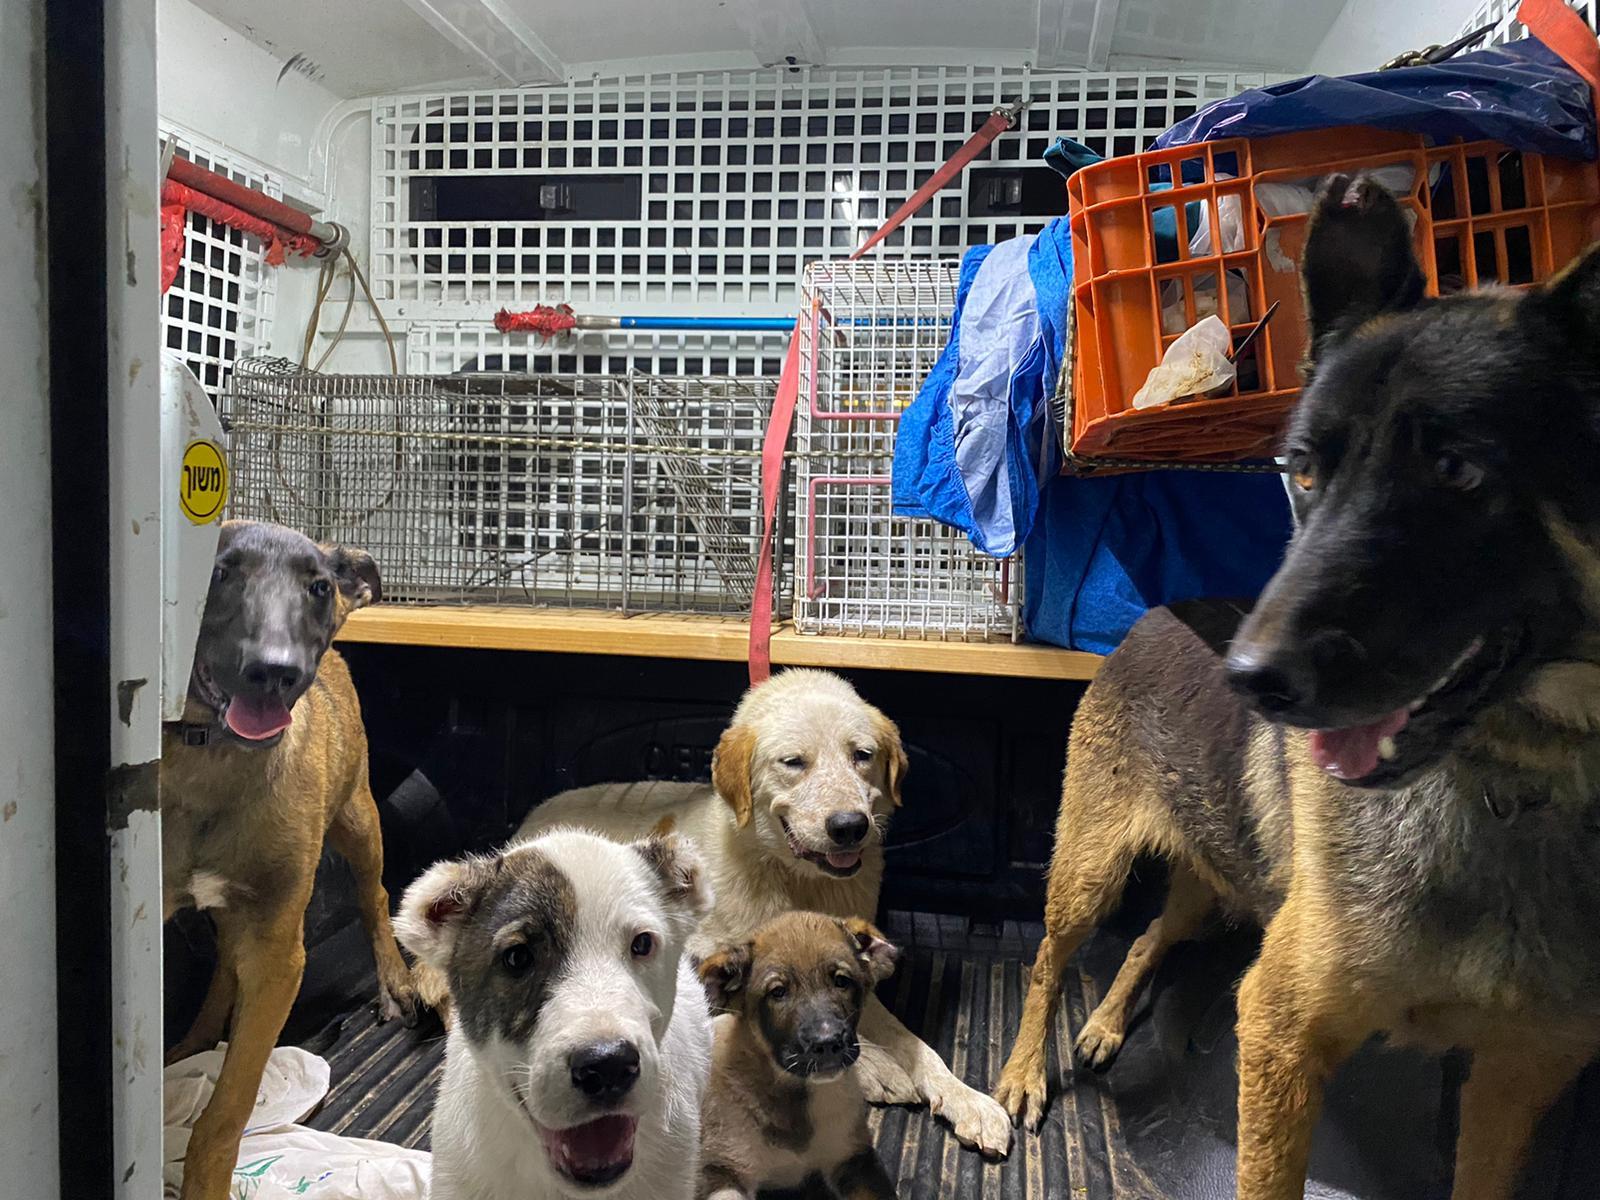 الشرطة: ضبط ذخيرة ومخدرات في حي الجواريش بالرملة ومصادرة 11 كلبا